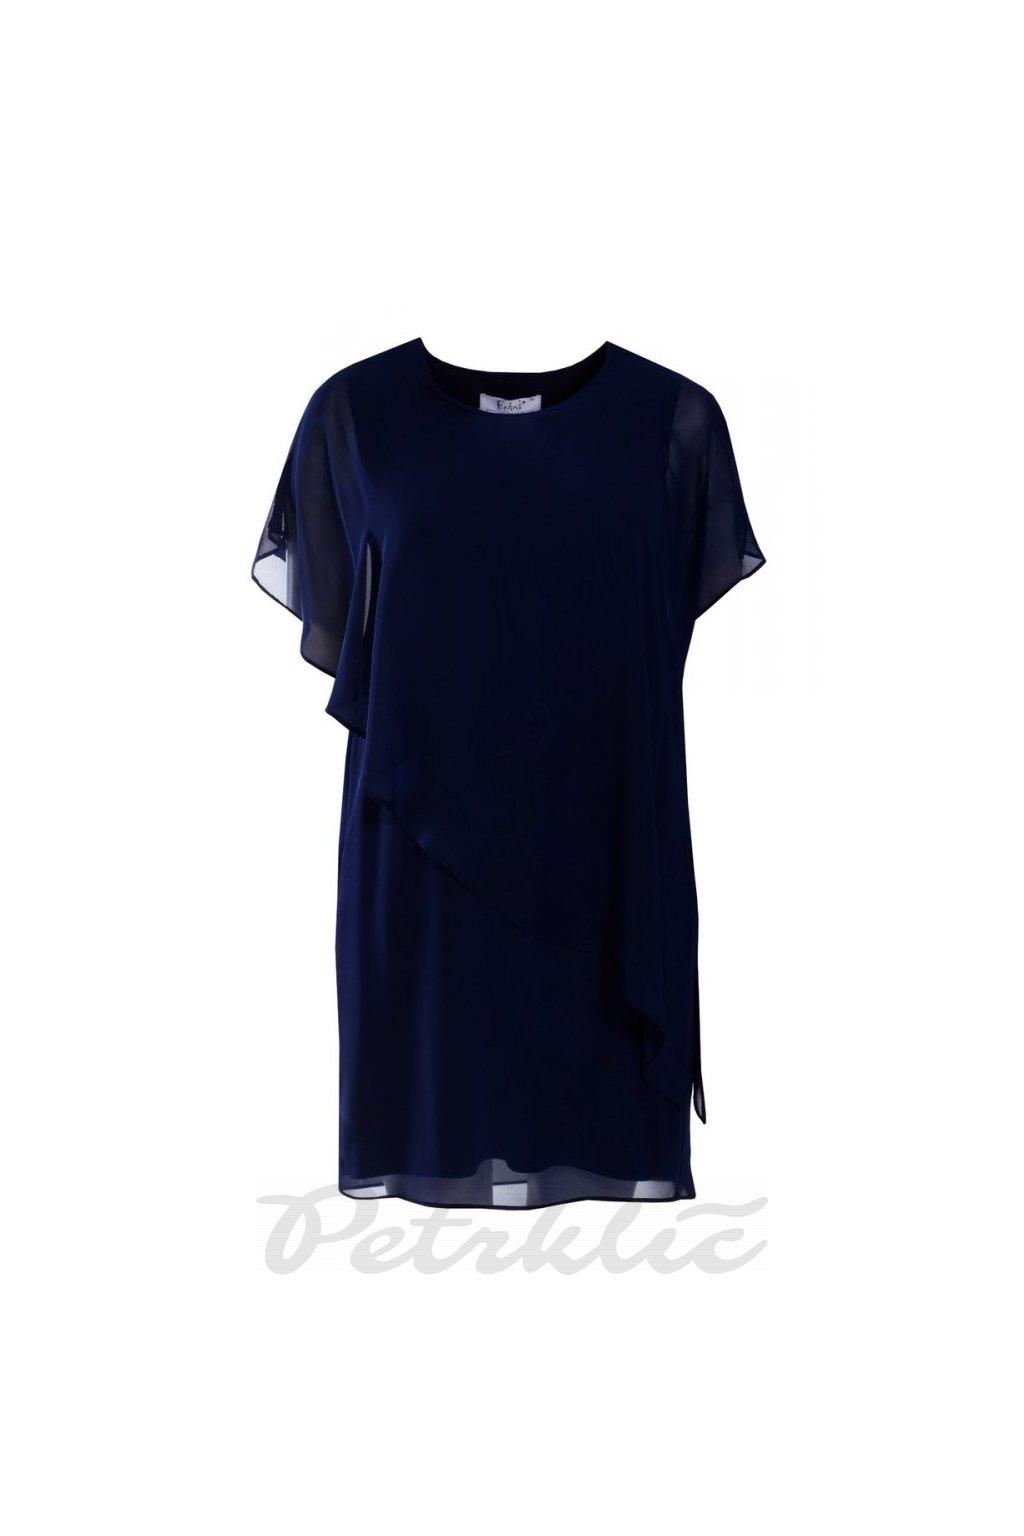 SÁVA - vrstvené šifónové šaty